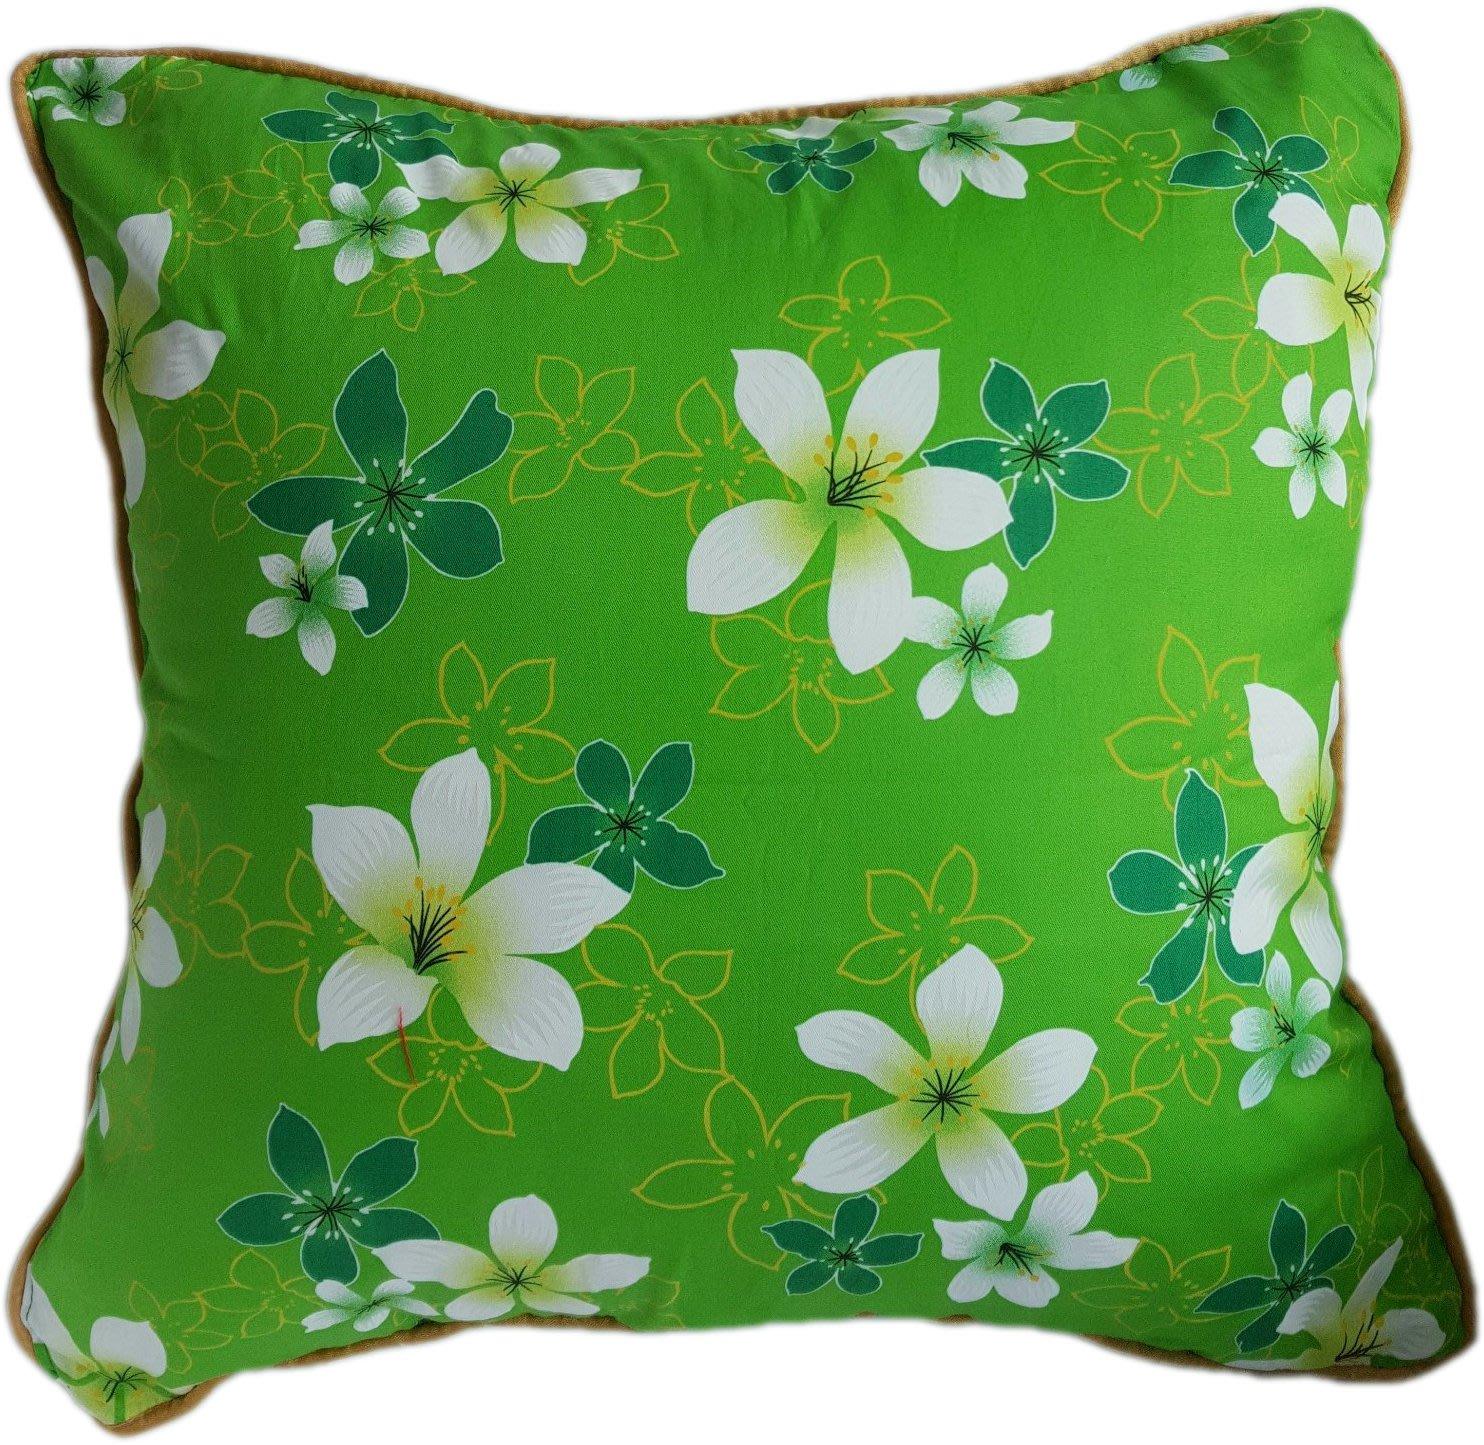 C09 油桐花綠底抱枕  45x45cm (含枕心)